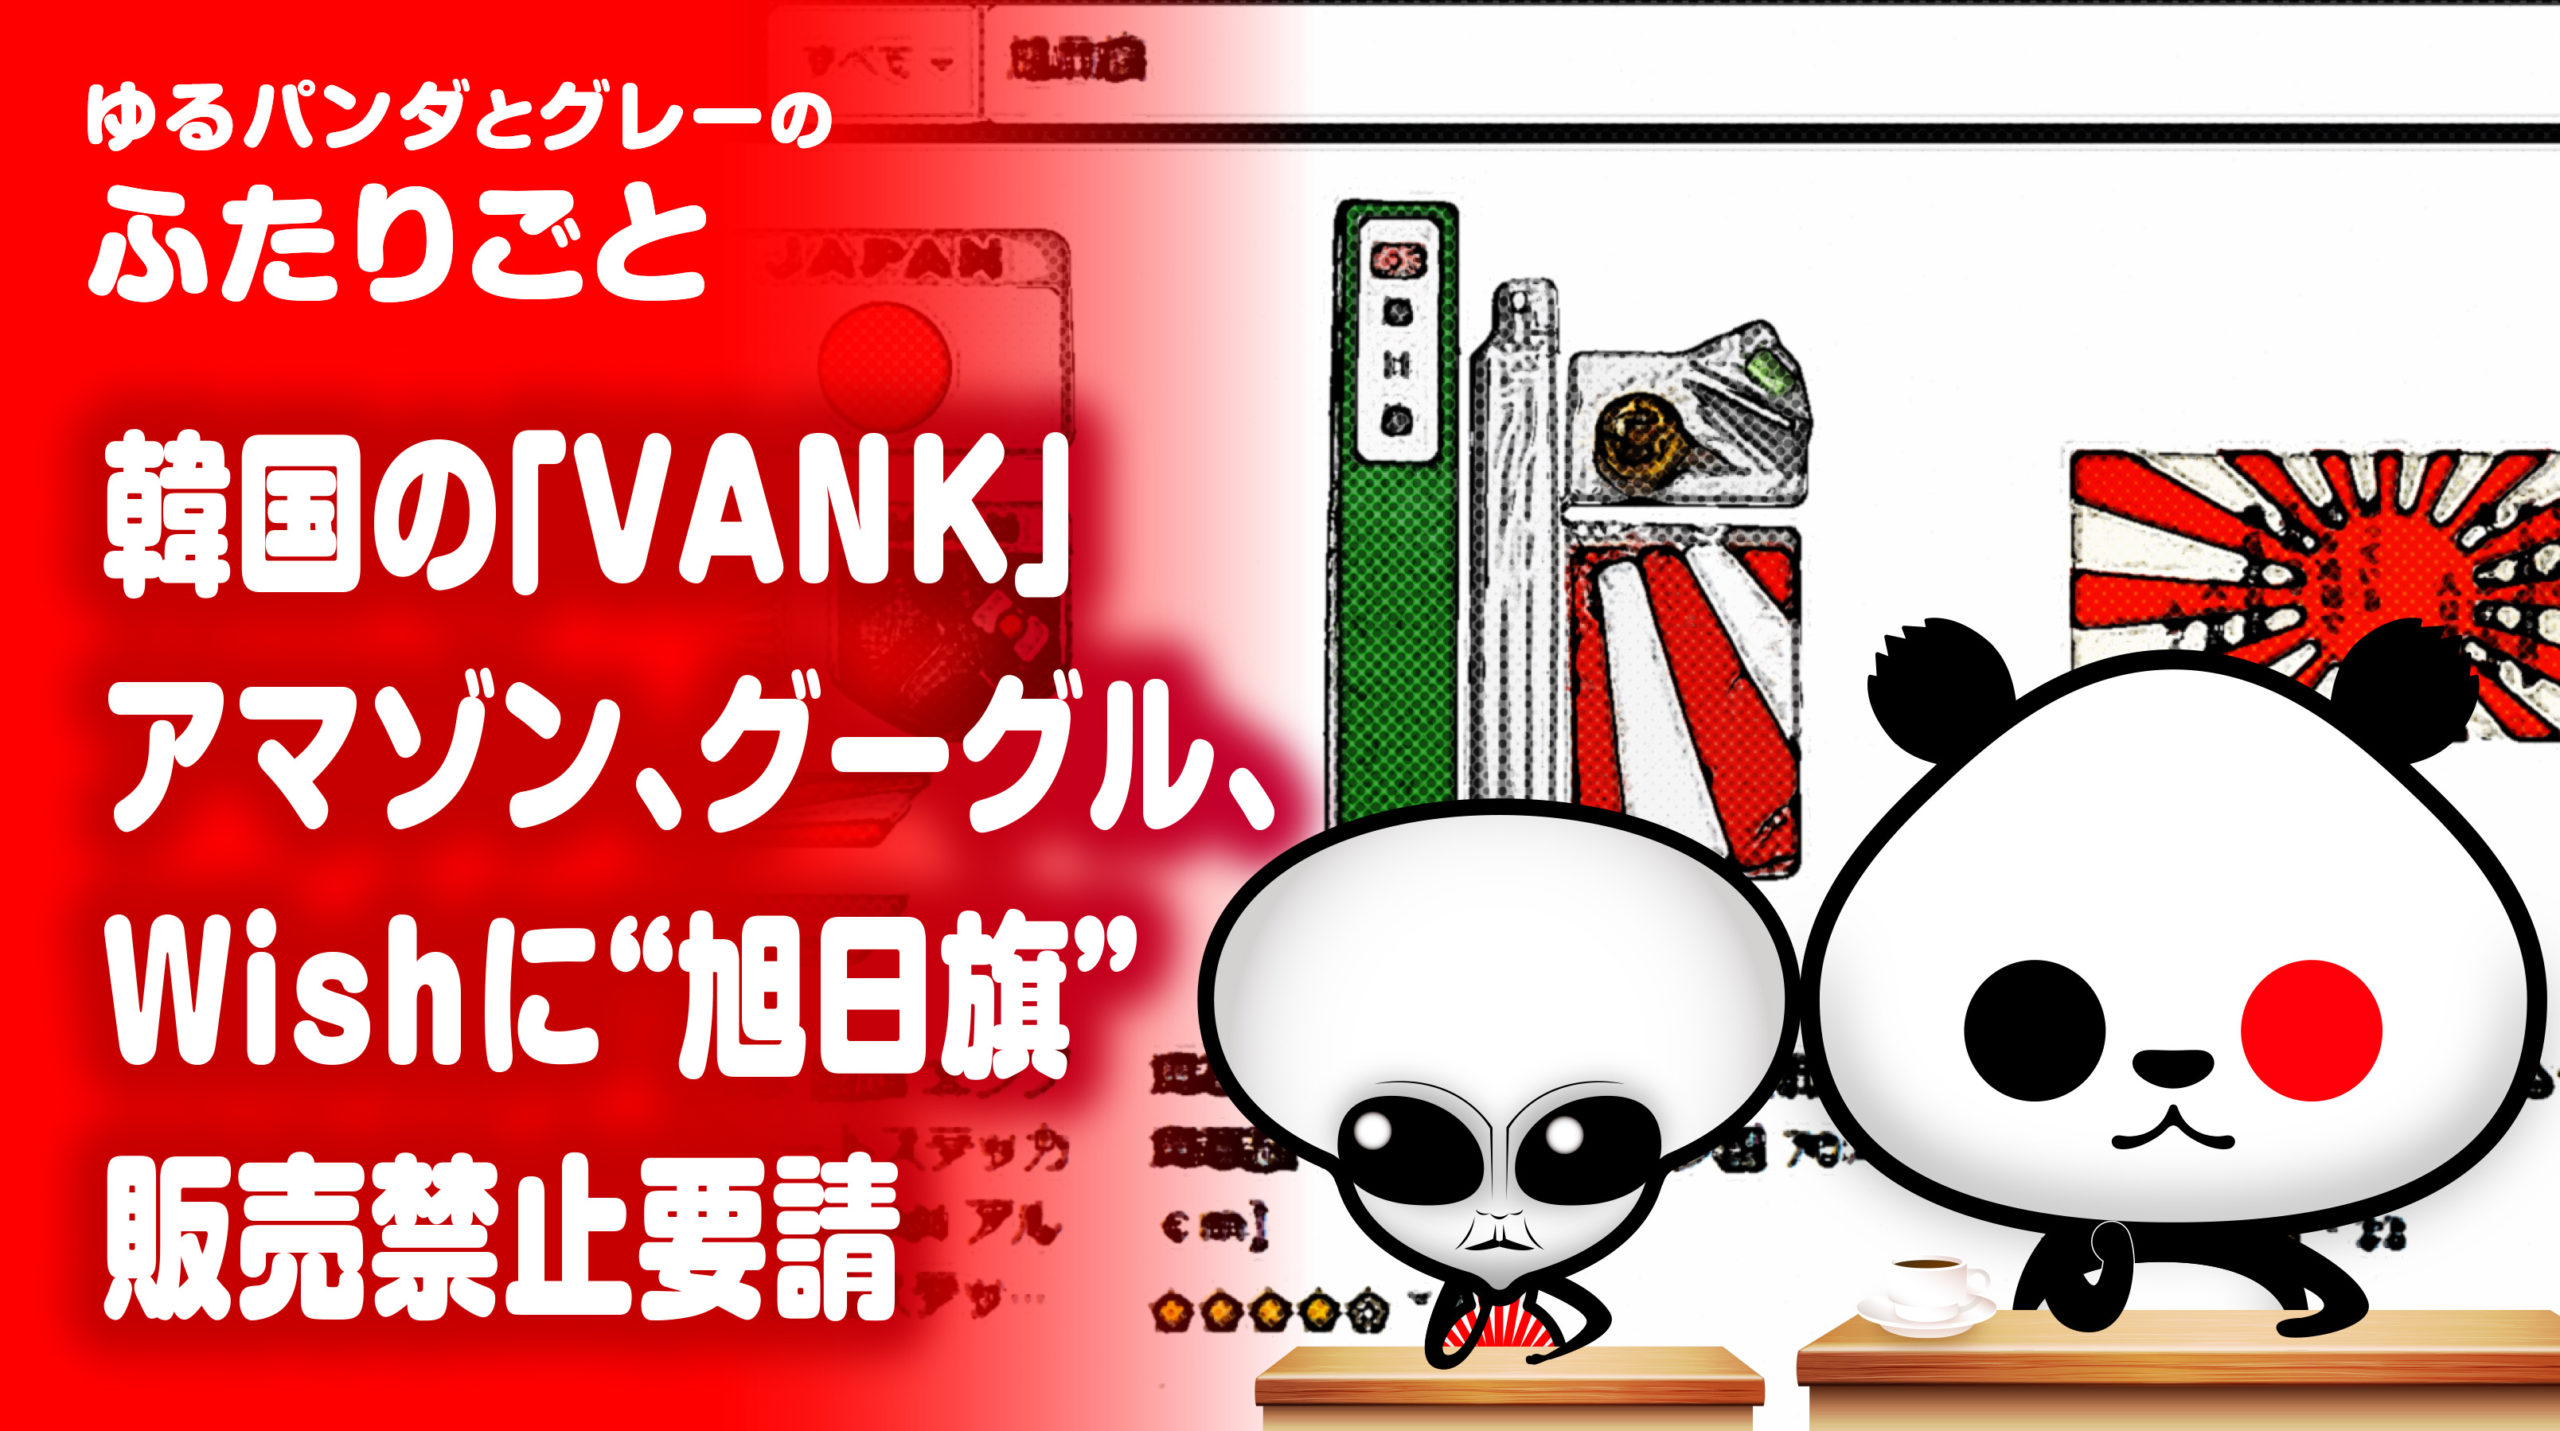 ふたりごと 韓国 Vank がアマゾン グーグル Wishに旭日旗デザイン製品の販売禁止要請 ゆるパンダオフィシャル Yurupan News Doga ゆるパンニュース